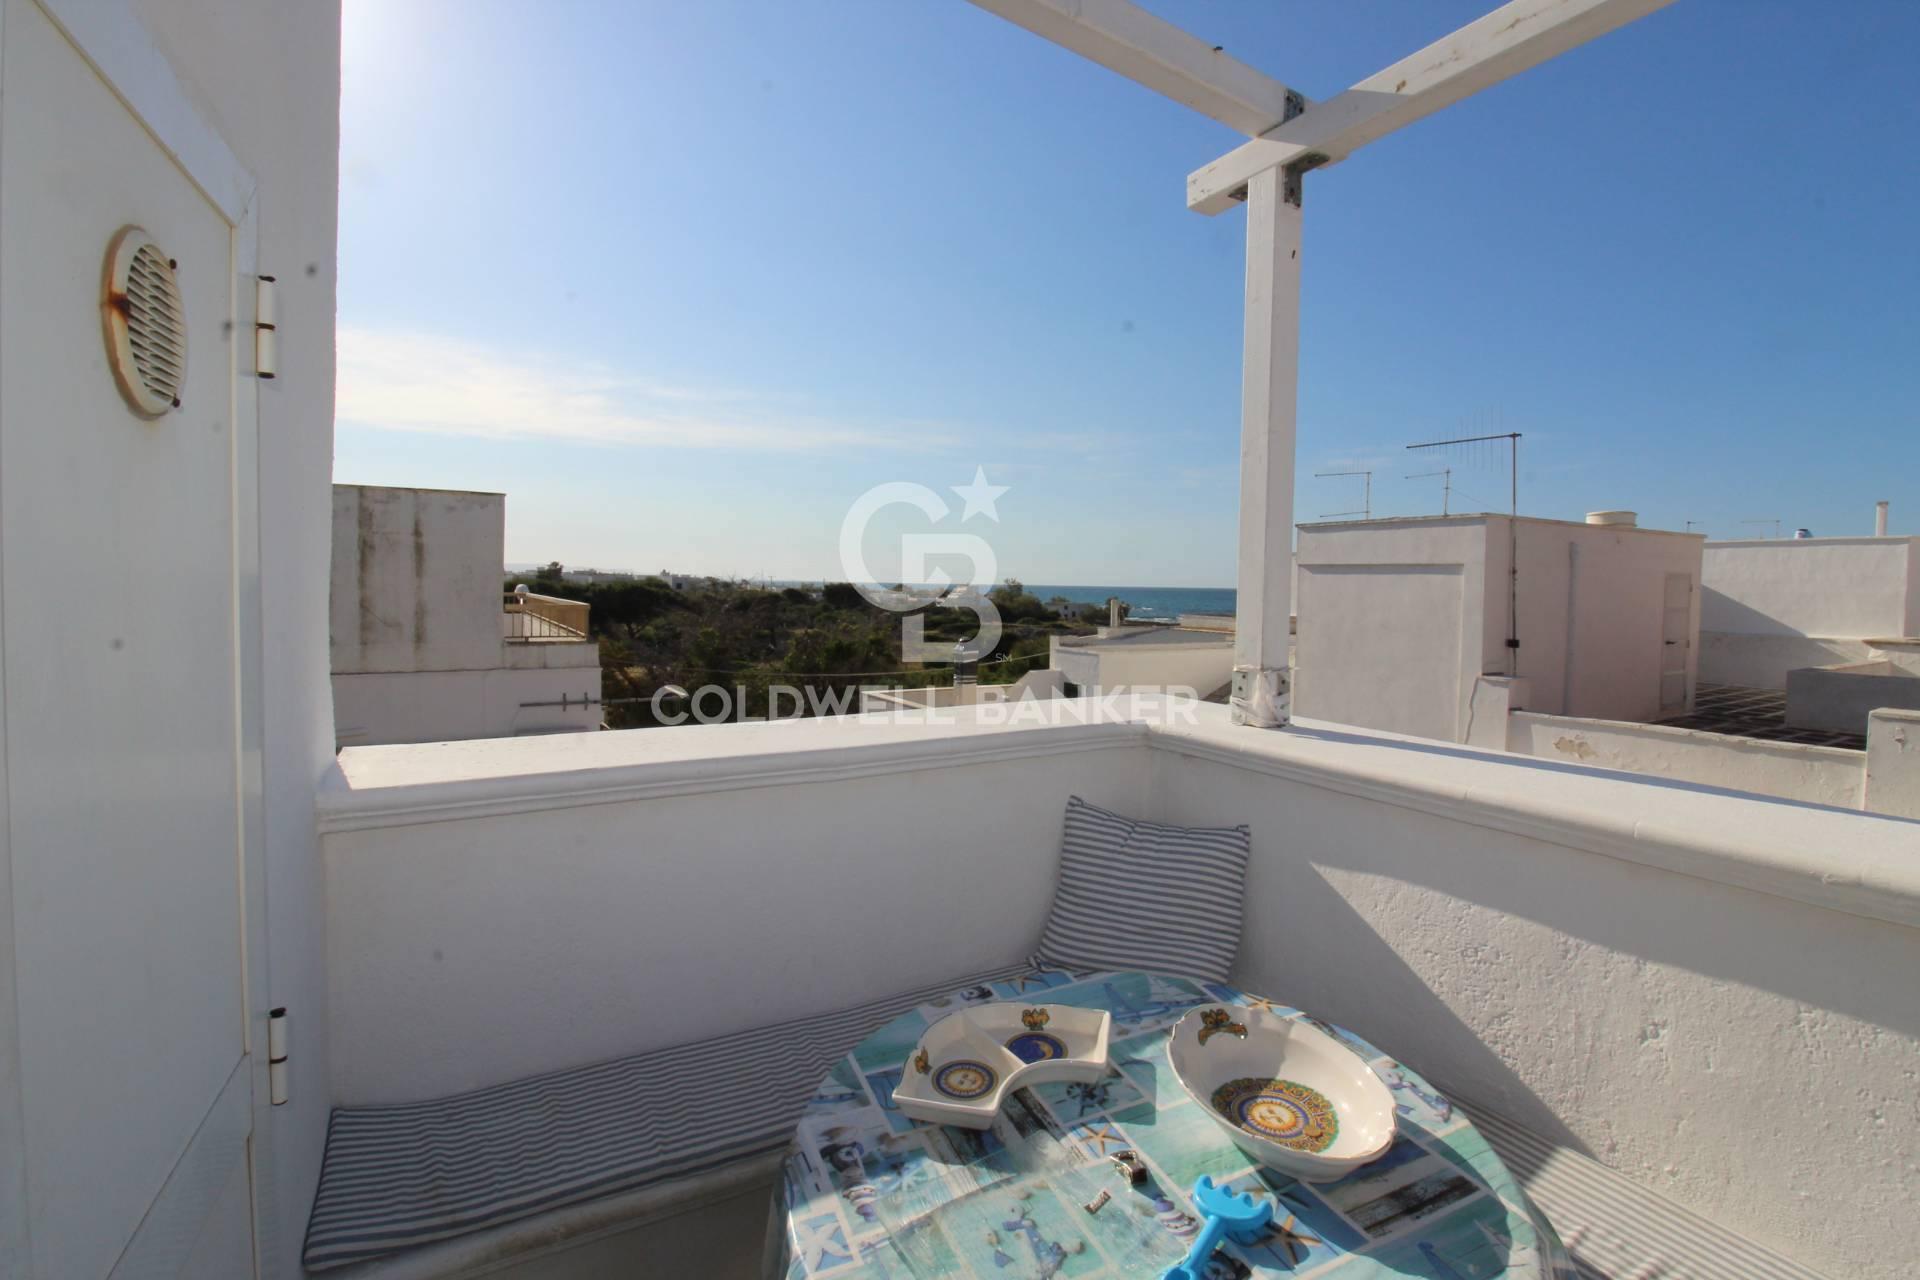 Appartamento in affitto a Ostuni, 4 locali, Trattative riservate   CambioCasa.it